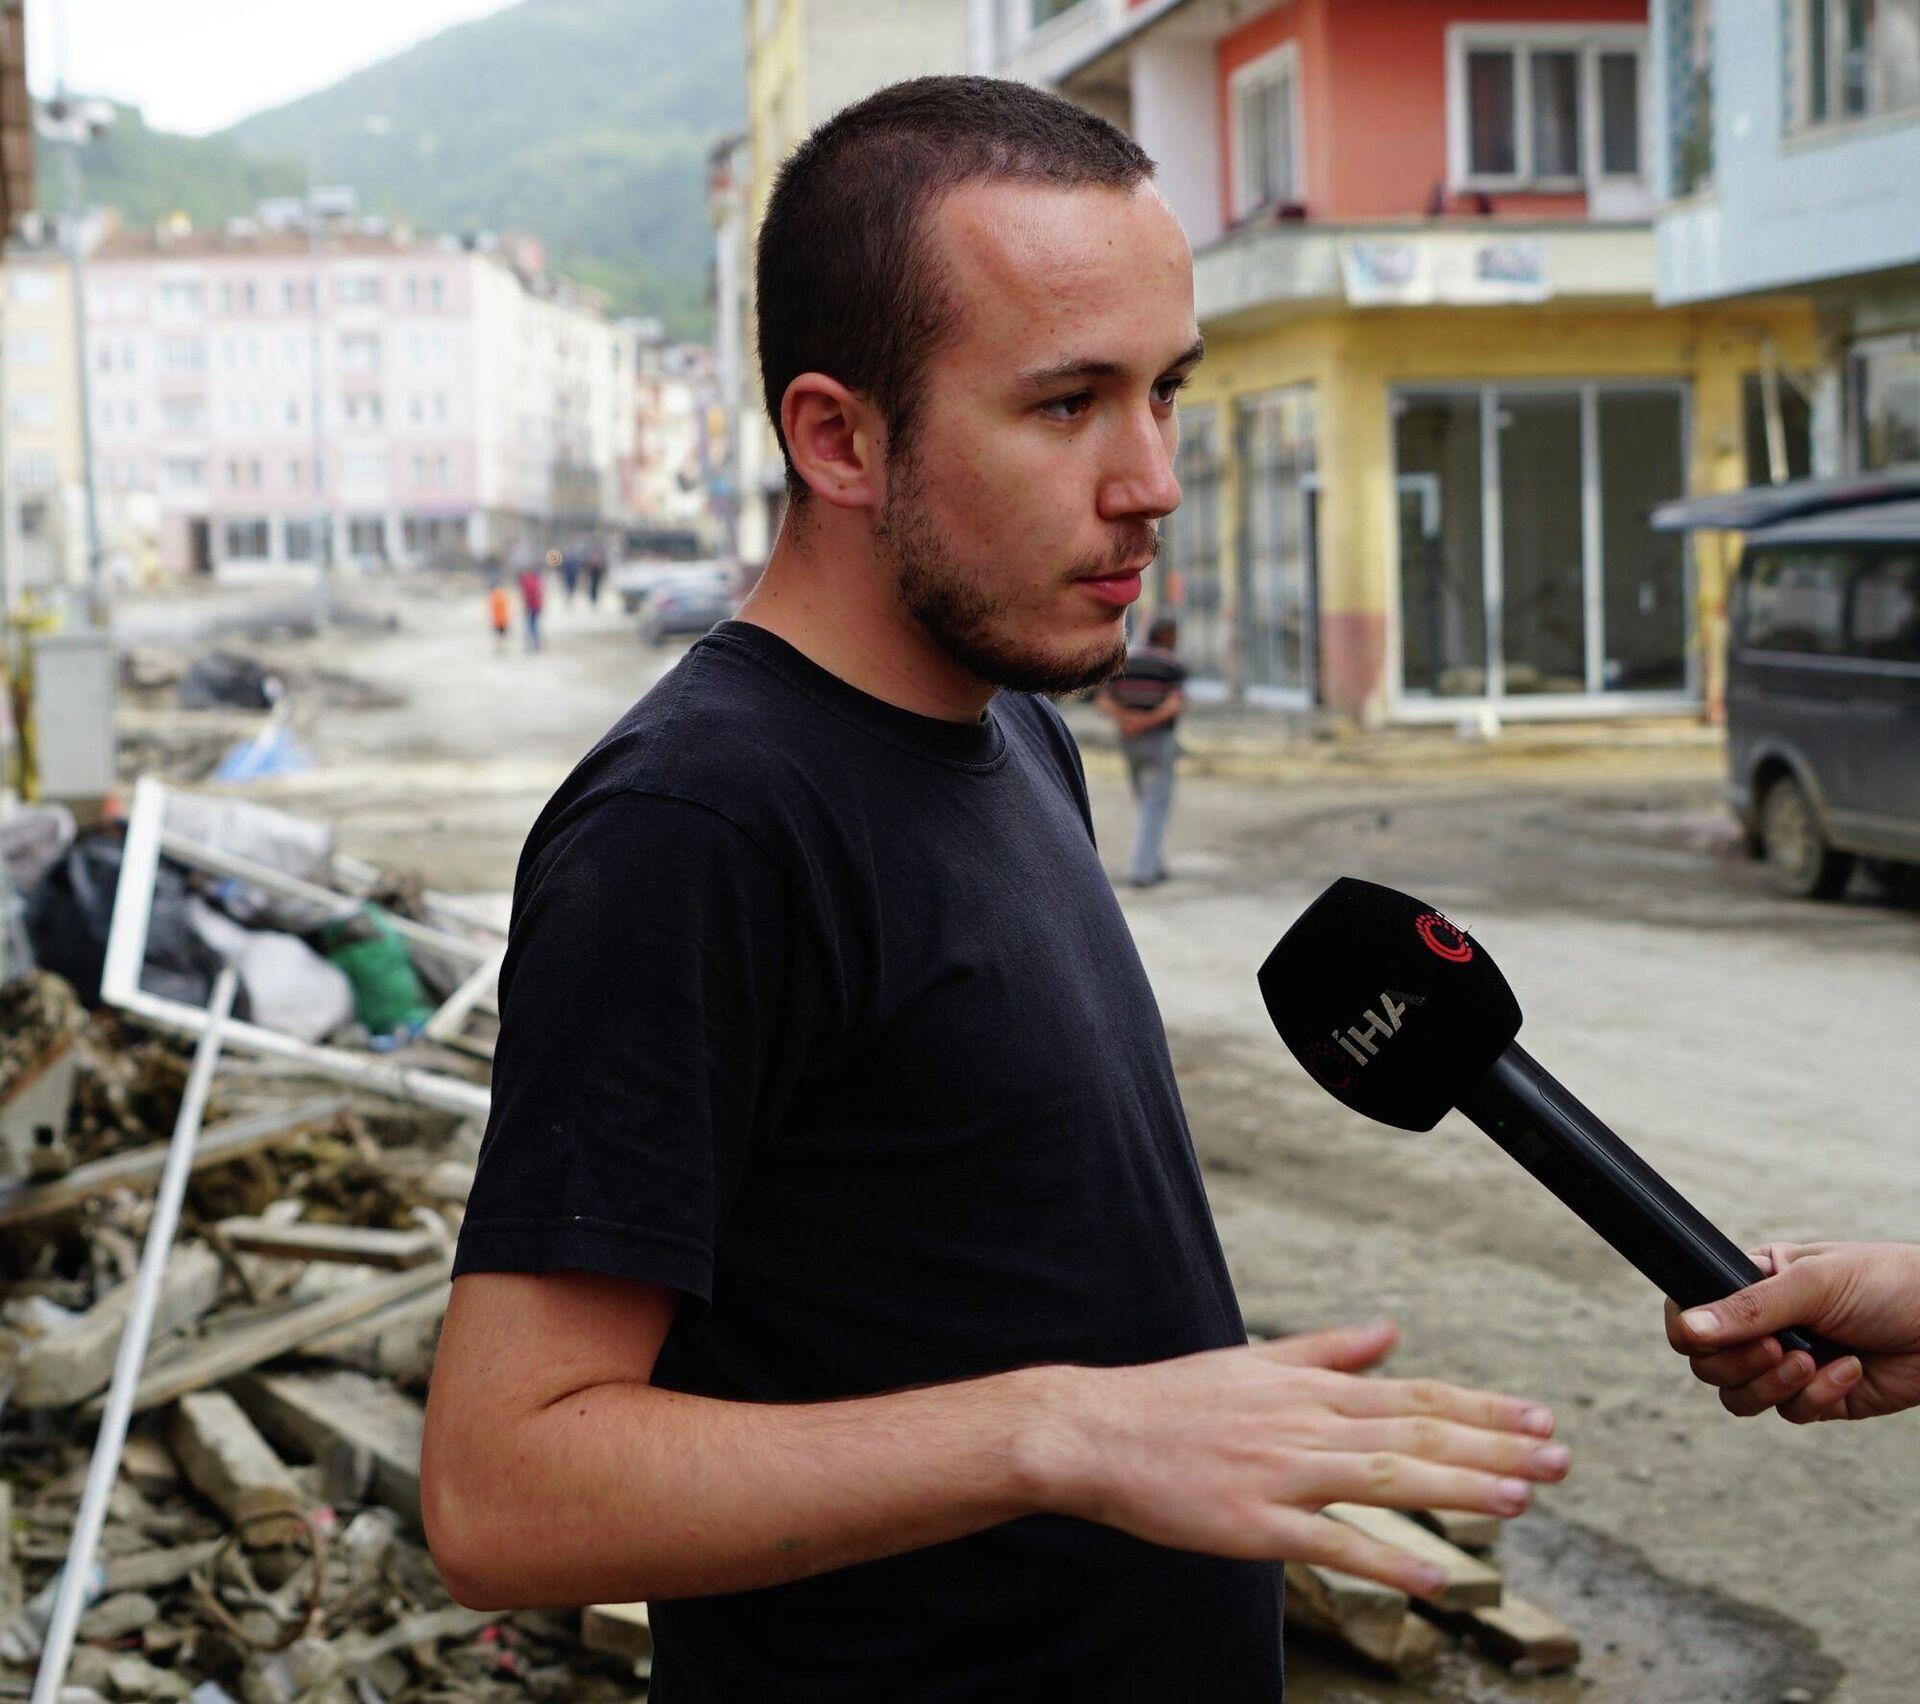 Sel felaketinin yaşandığı Kastamonu'nun Bozkurt ilçesinde selde babasını kaybeden 24 yaşındaki genç, yaşadığı zarar karşılığında devlet tarafından fazla ödeme yapıldığı gerekçesiyle 750 bin lirayı iade etti. - Sputnik Türkiye, 1920, 20.09.2021